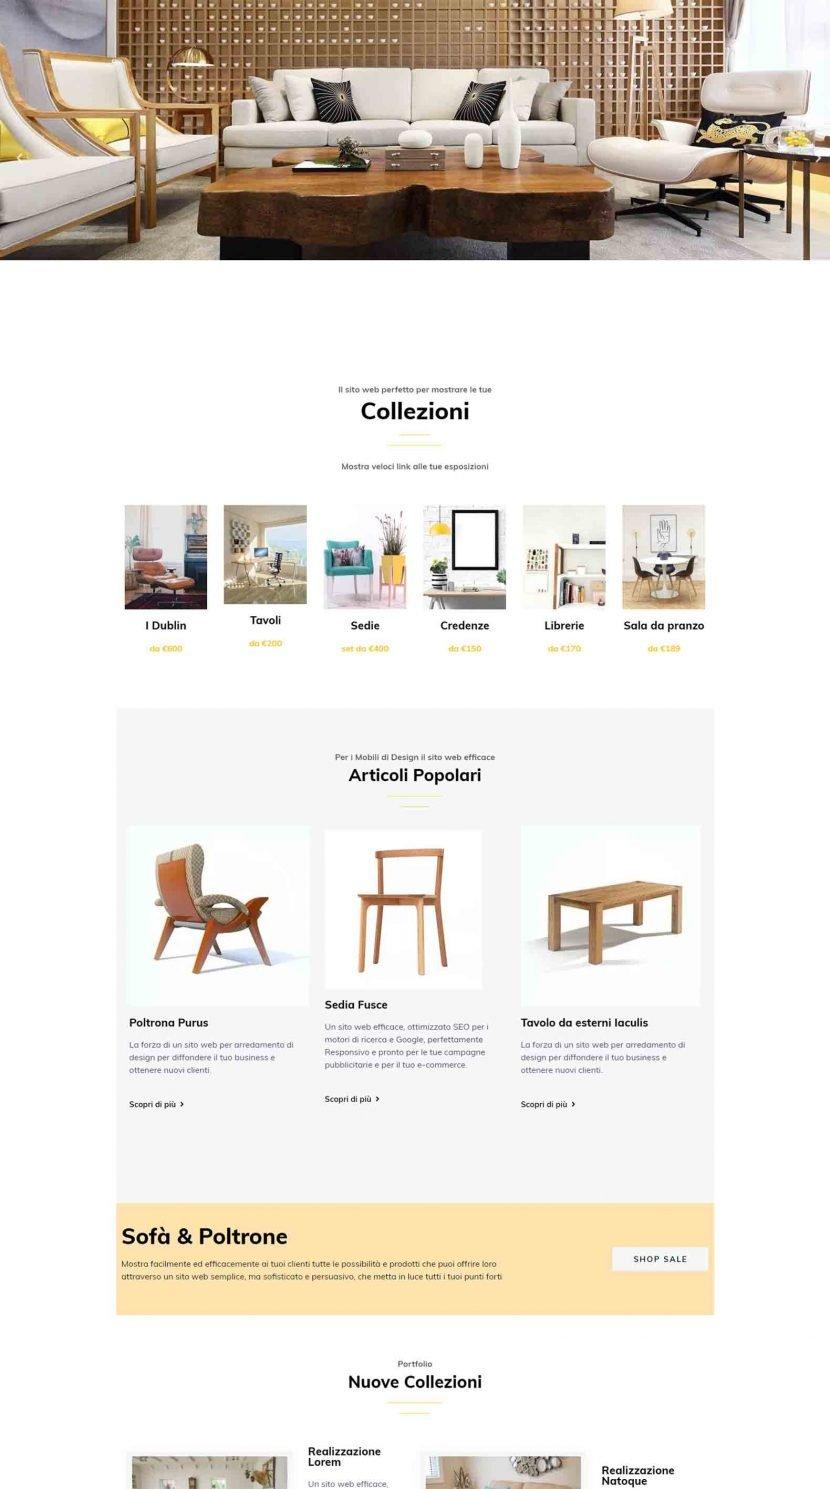 Arredamento di Design Soluzioni Digitali Online Sito Web Creare Realizzare siti Web SEO efficace Marketin Responsivo Col1